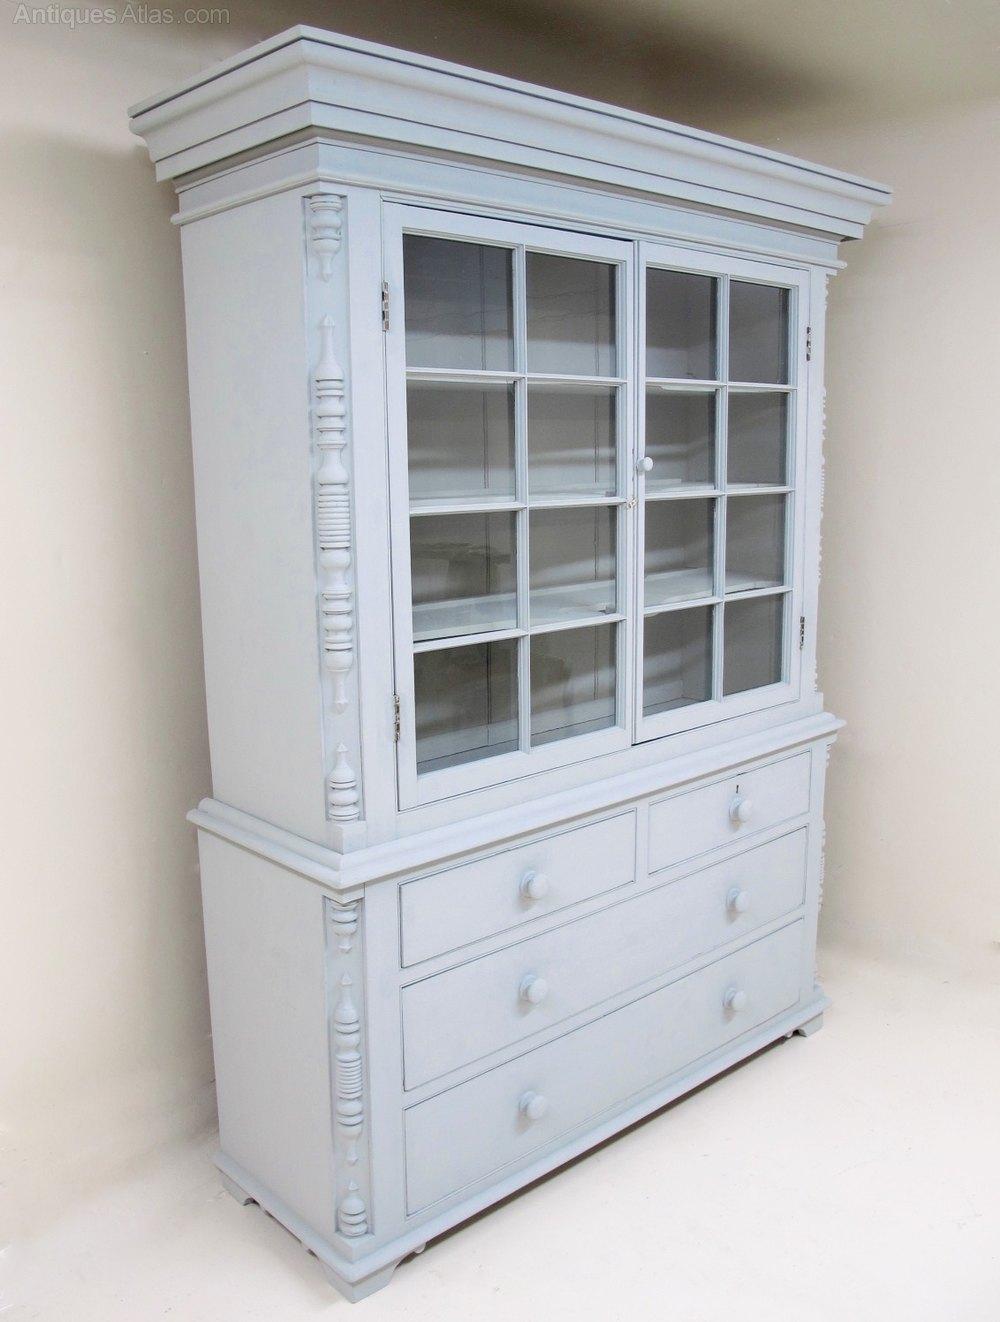 Large Glazed Kitchen Dresser - Antiques Atlas